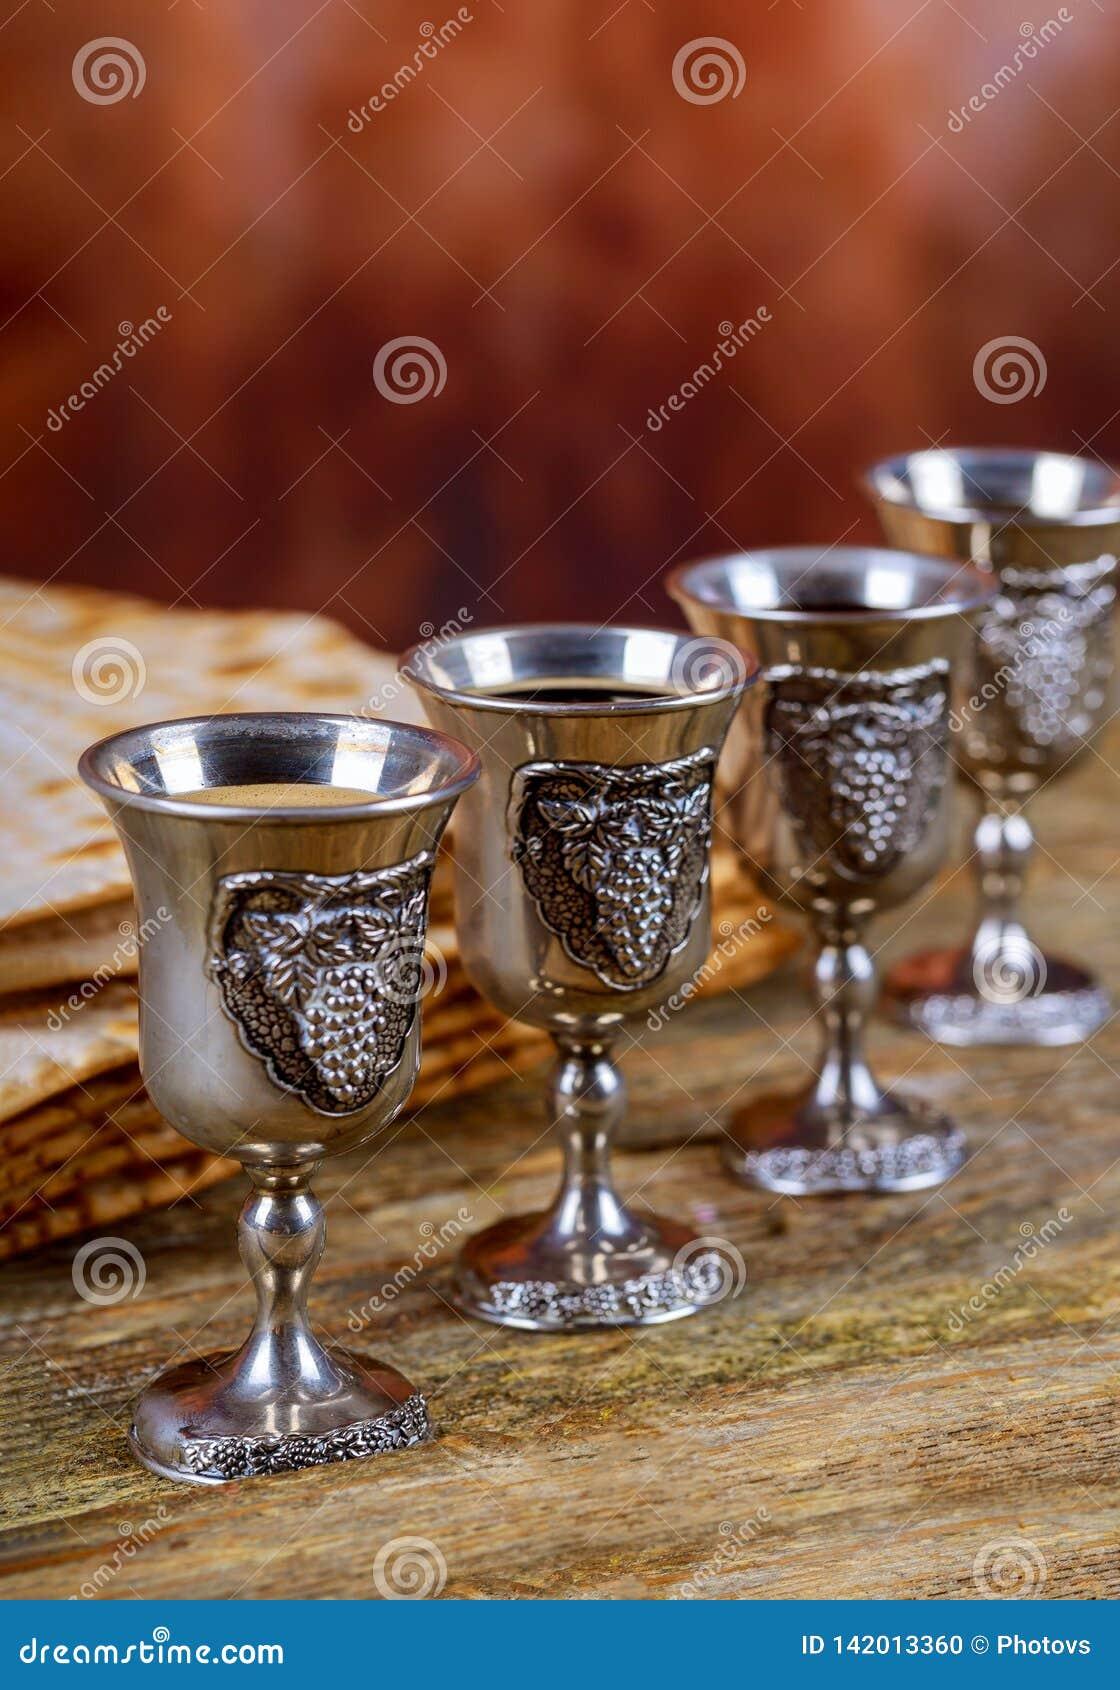 Czerwony koszerny wino cztery matzah lub matza Passover hagada